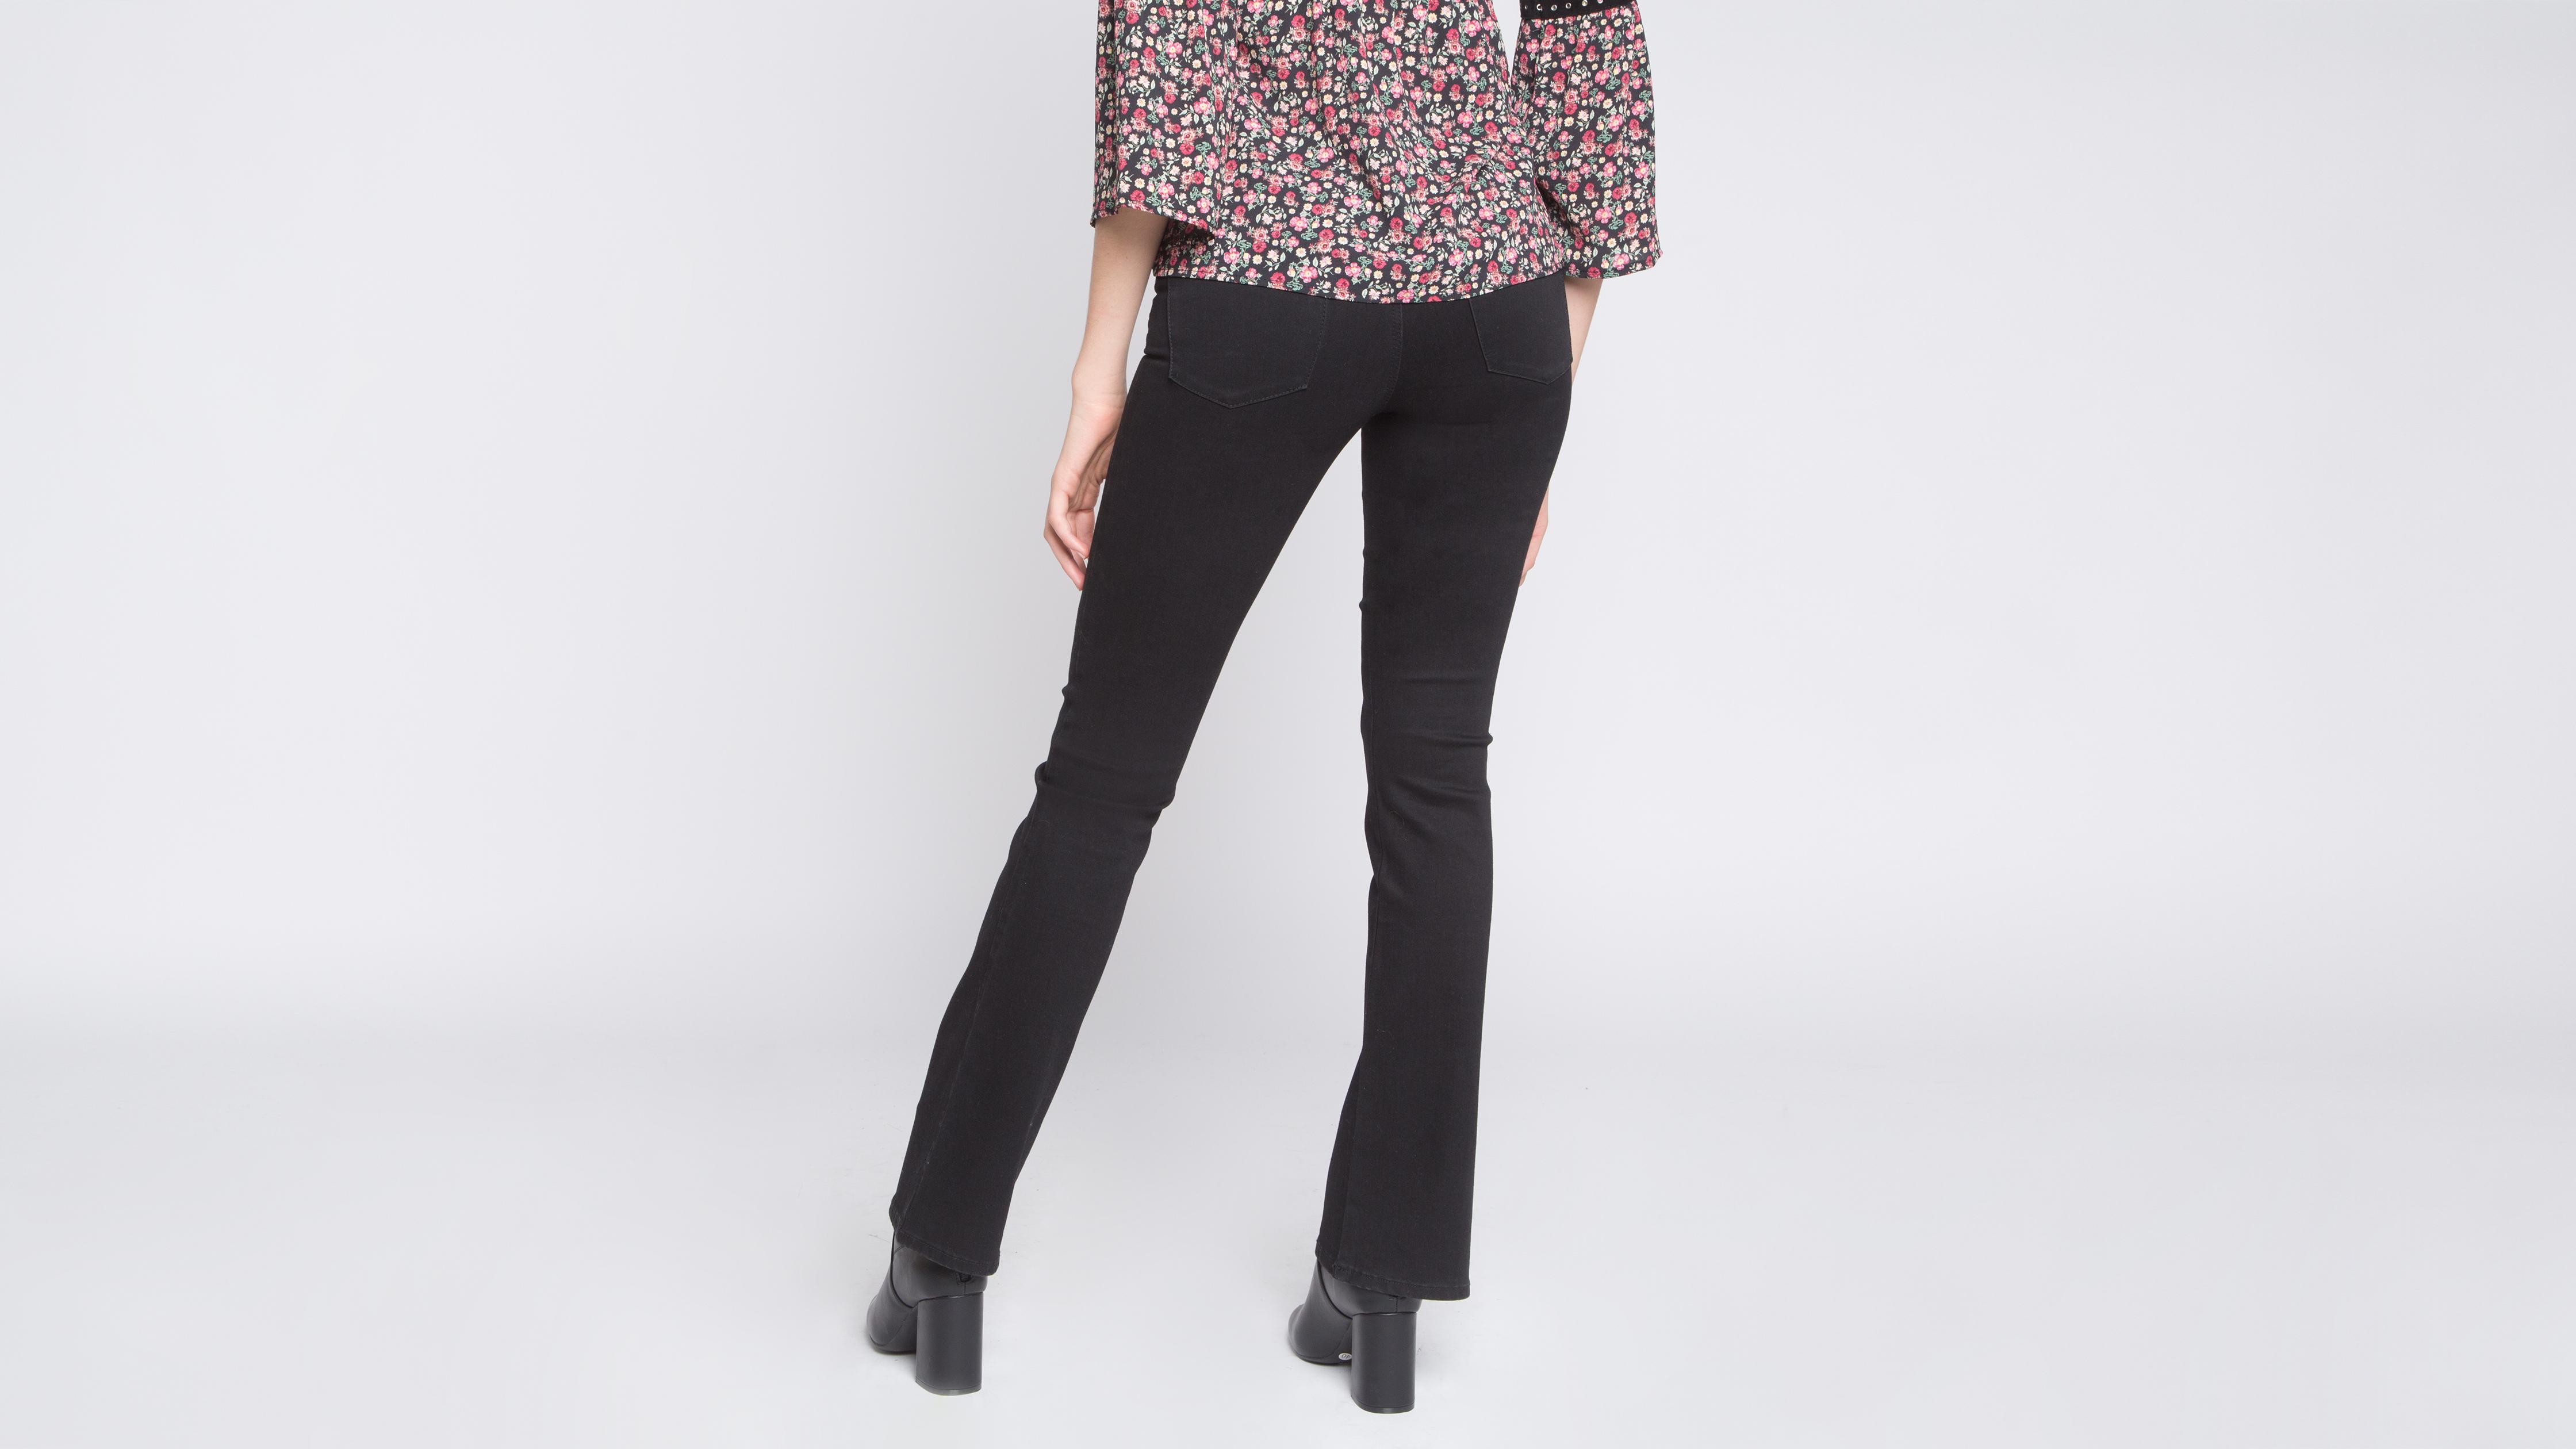 Denim Femmevib's 5 Uni Poches Noir Iyymbf6g7v Jeans Bootcut iPuOkXZ